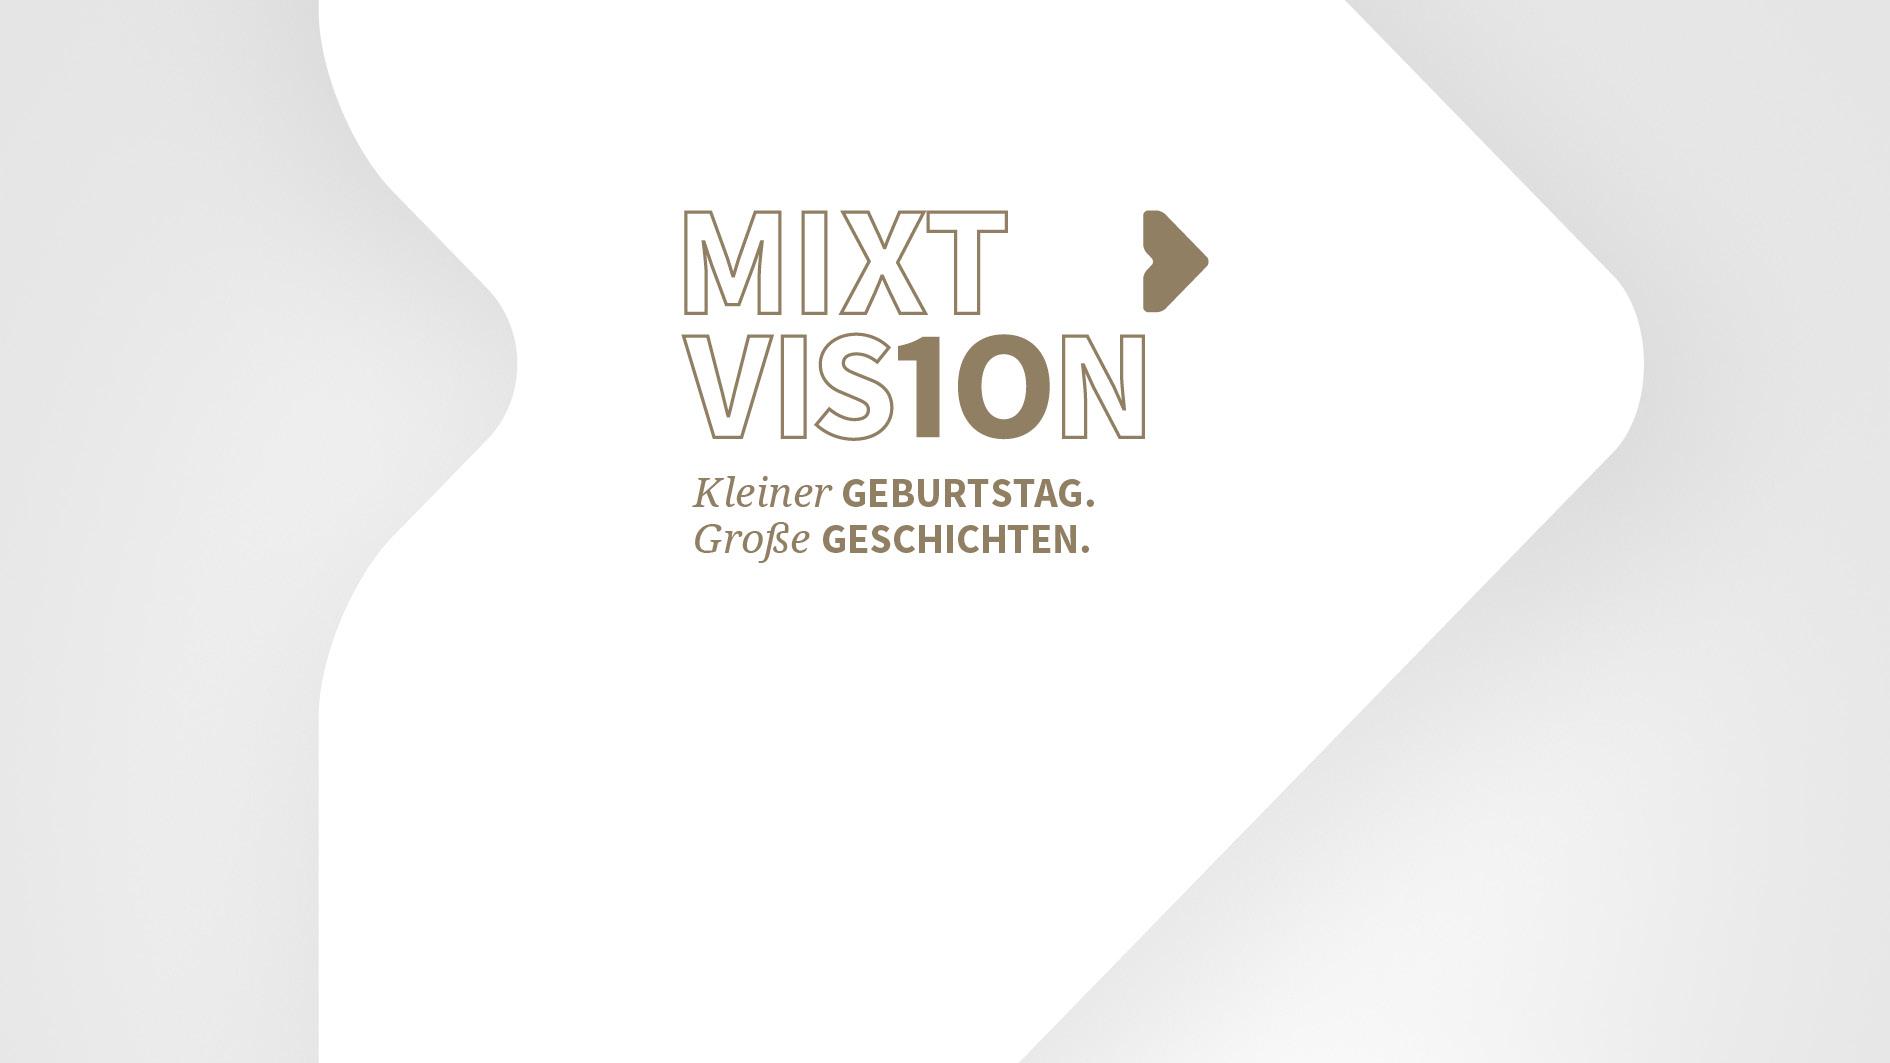 10jahre_mixtvision-header25